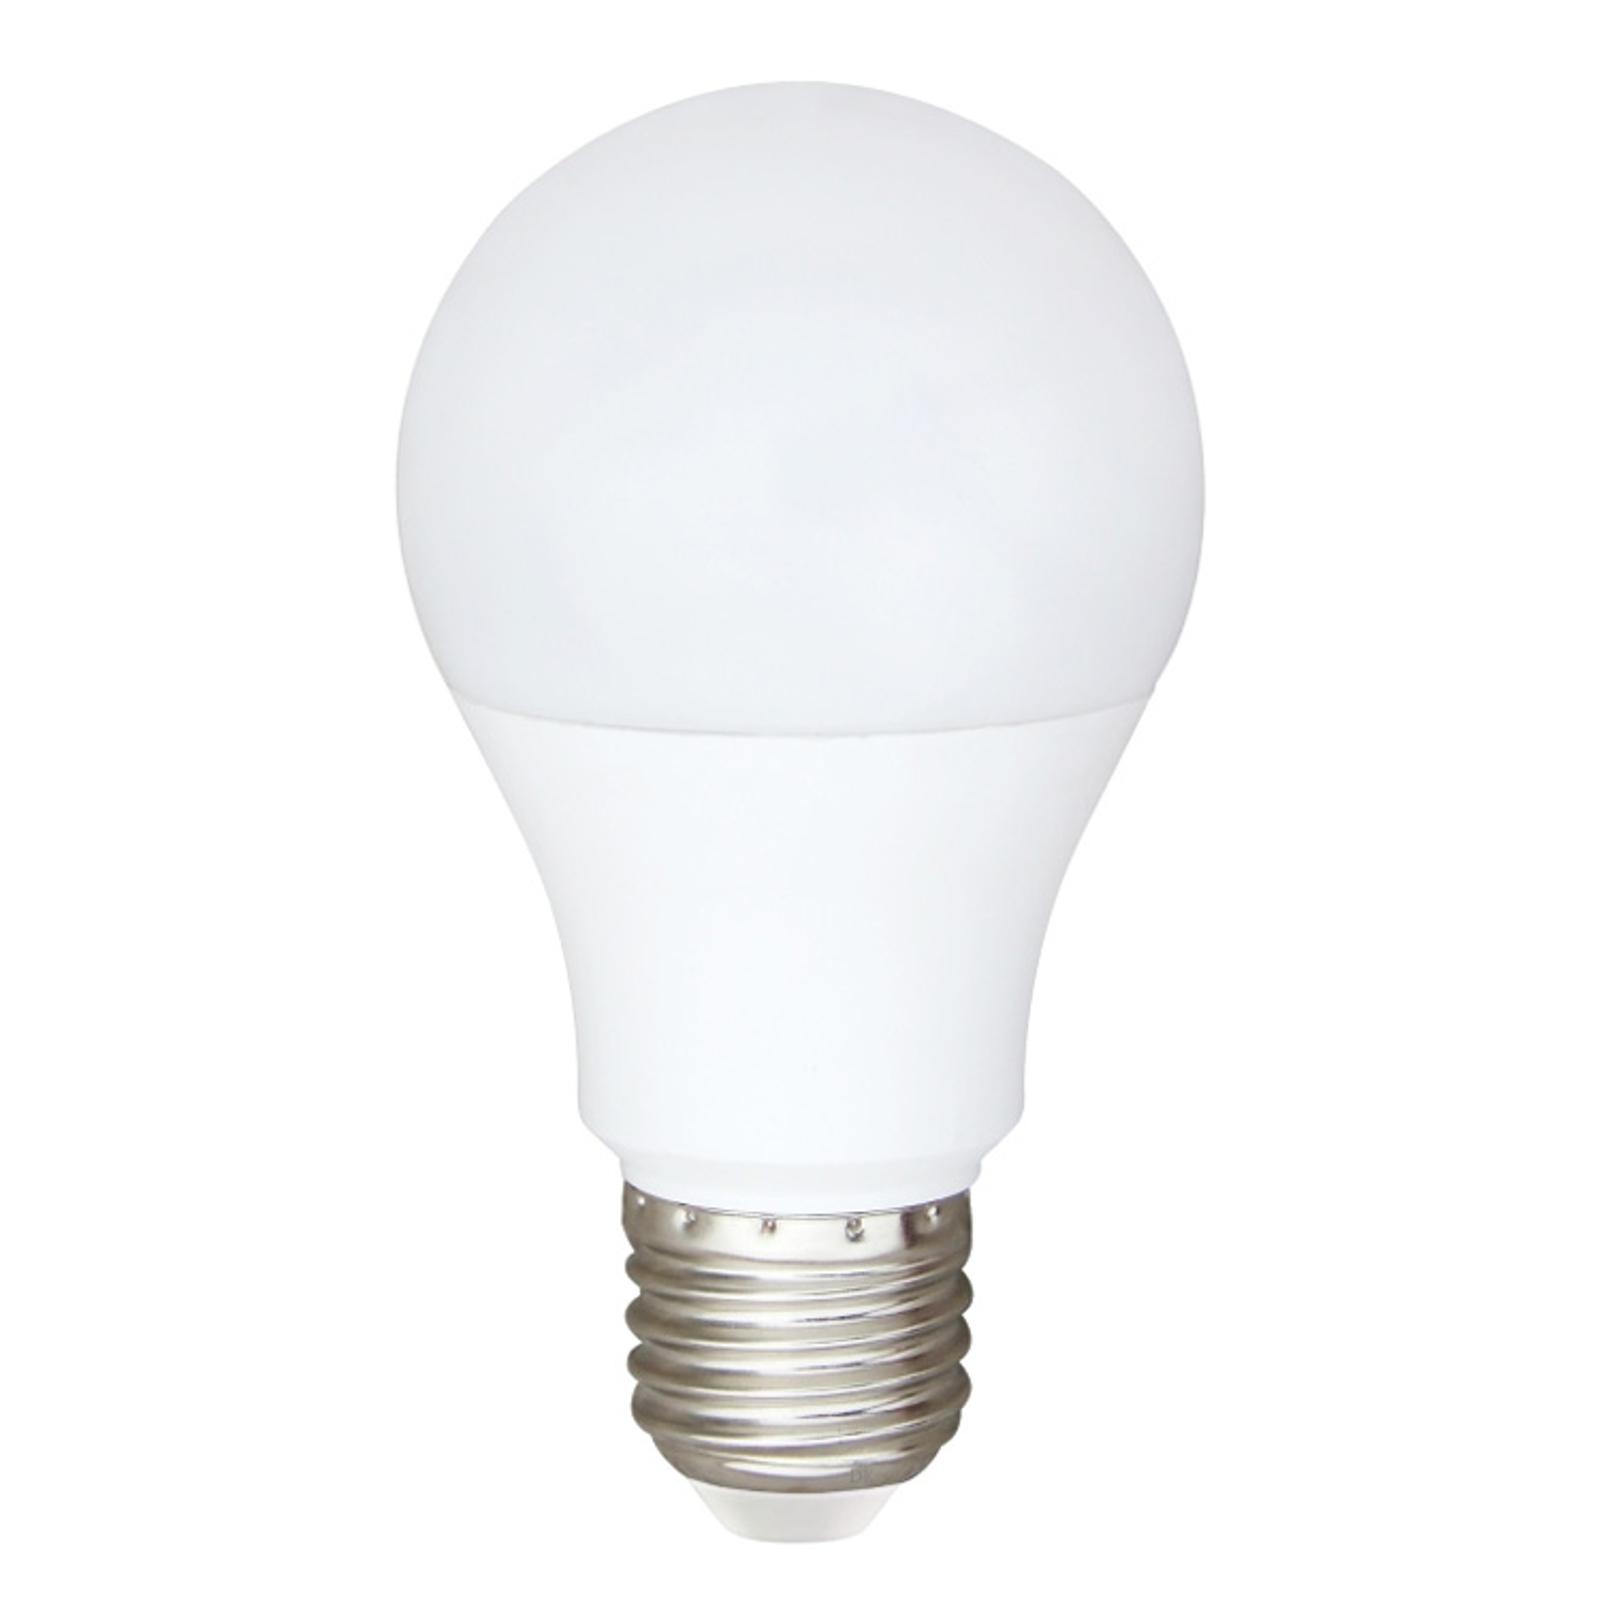 LED-pære ARAXA E27 9 W2700 K Ra90